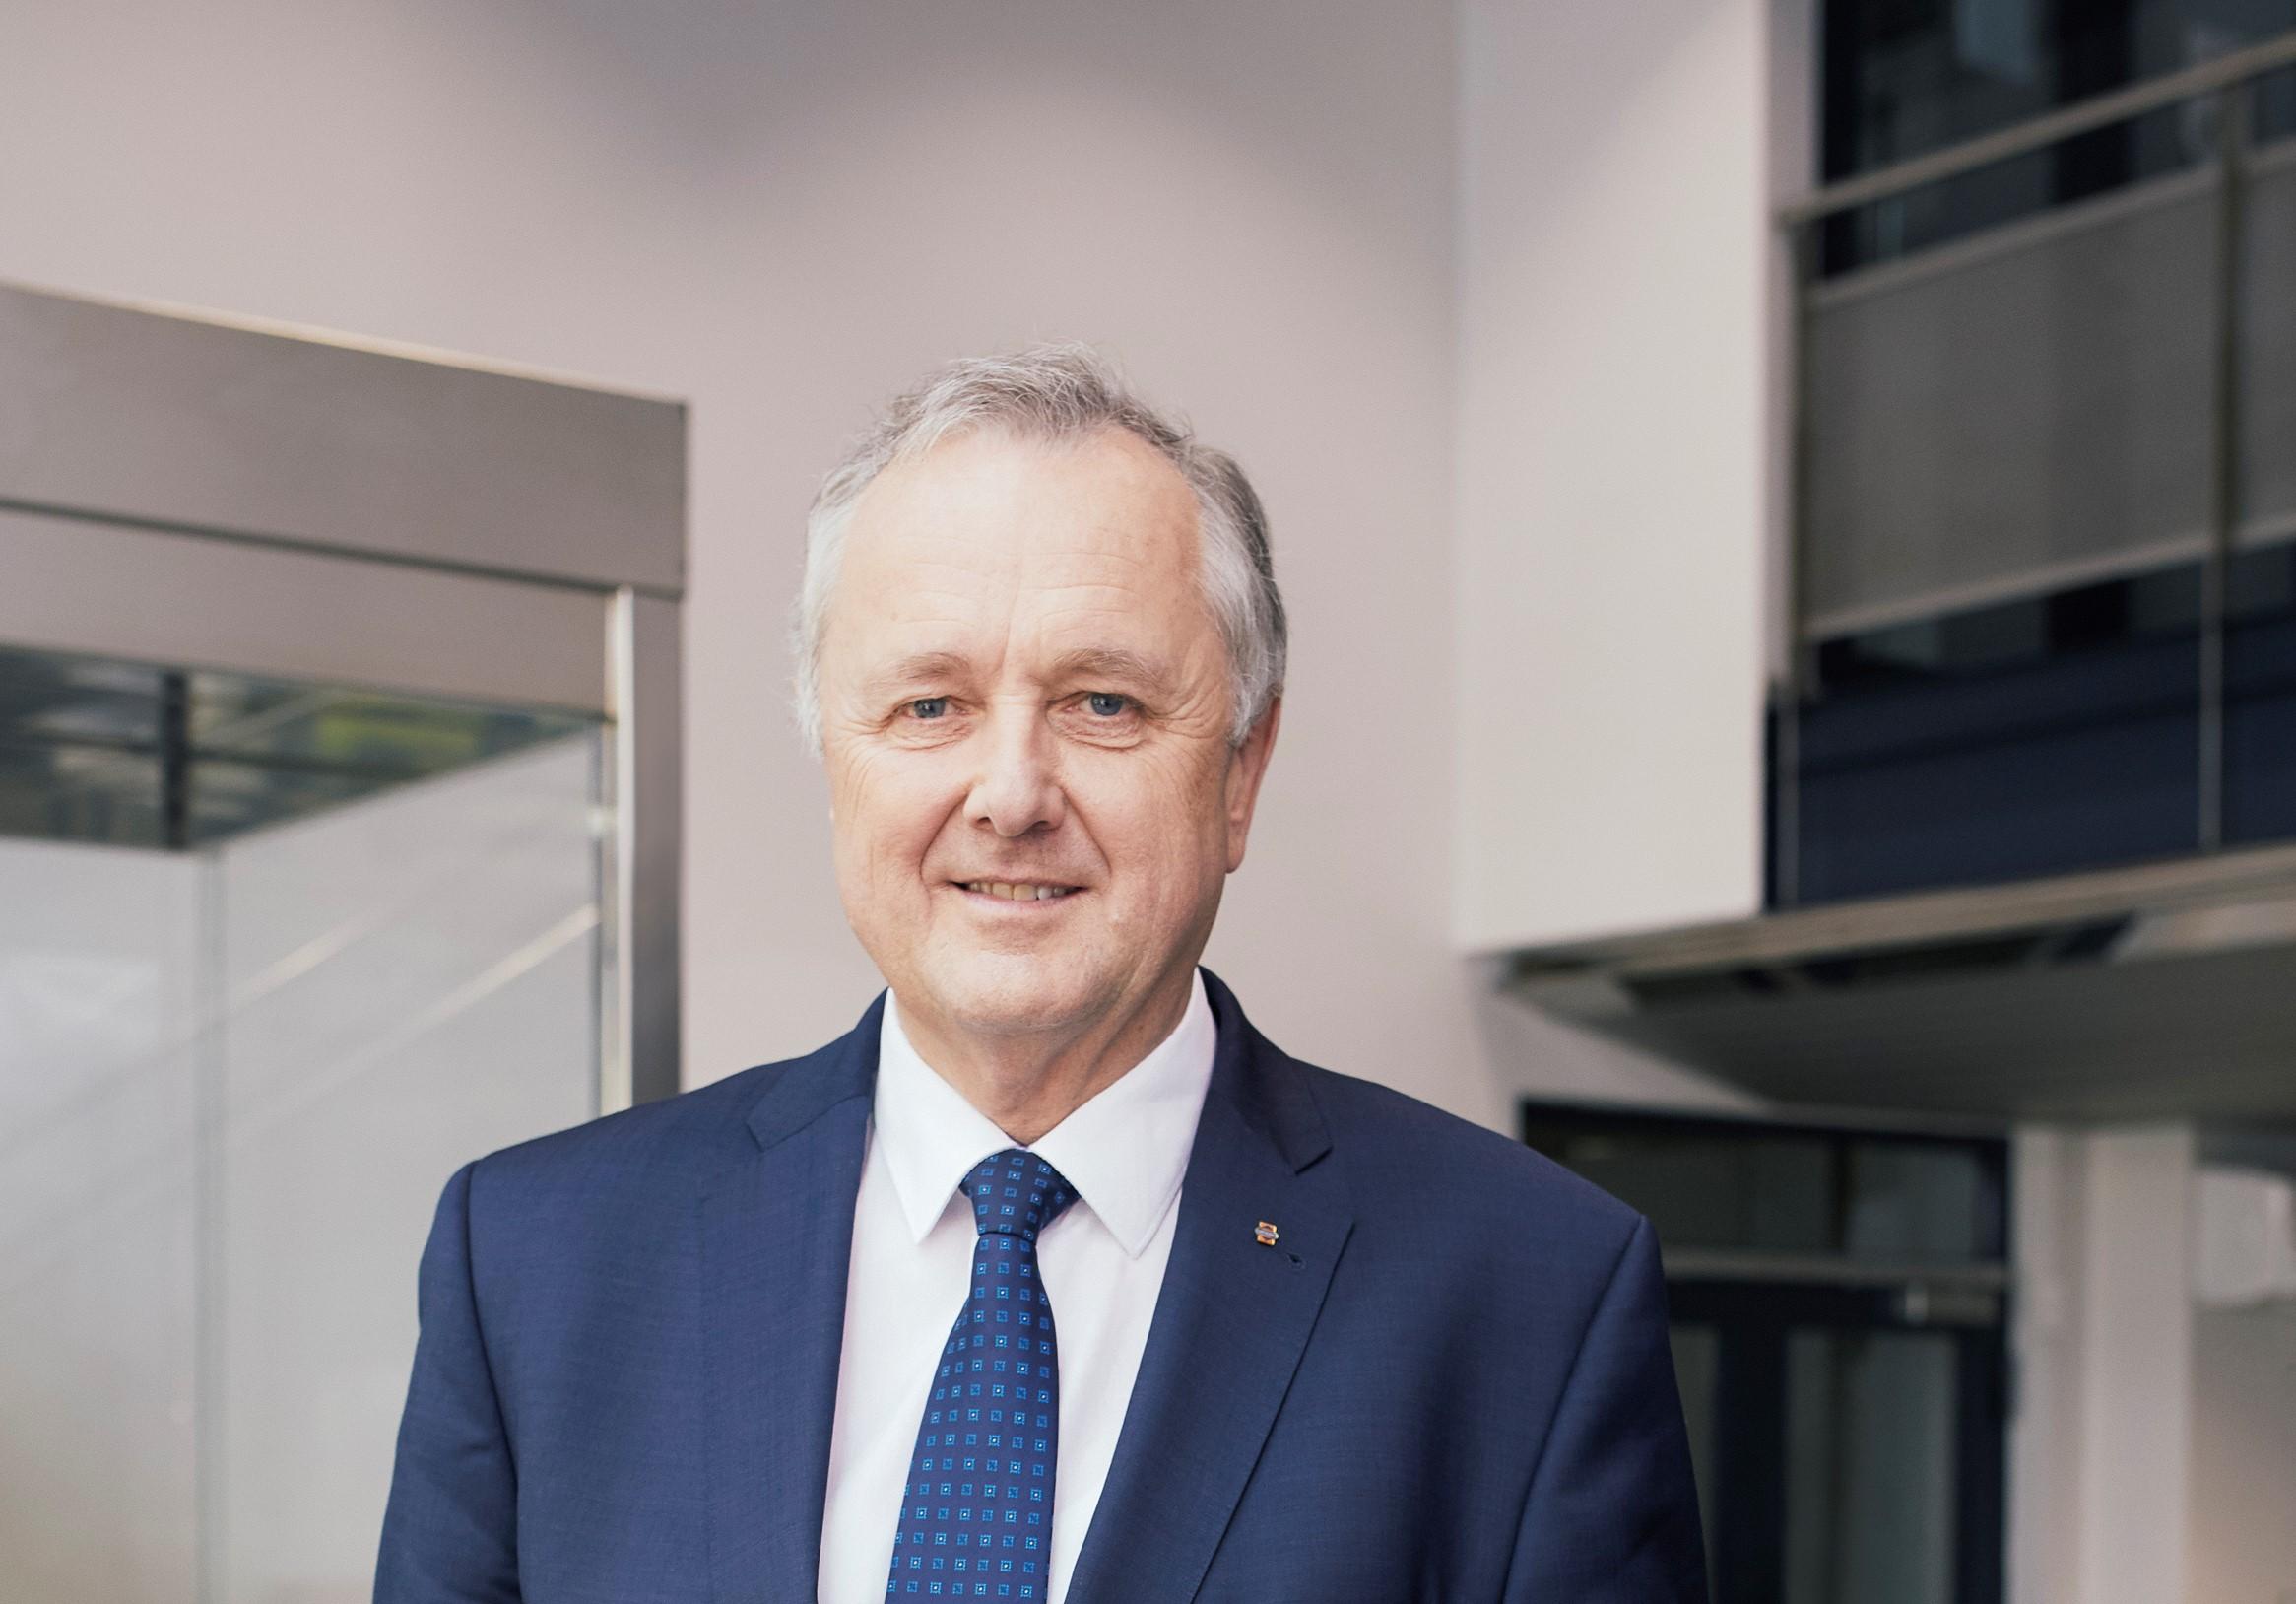 SWIETELSKY startet neues Unternehmen für elektrotechnische Dienstleistungen